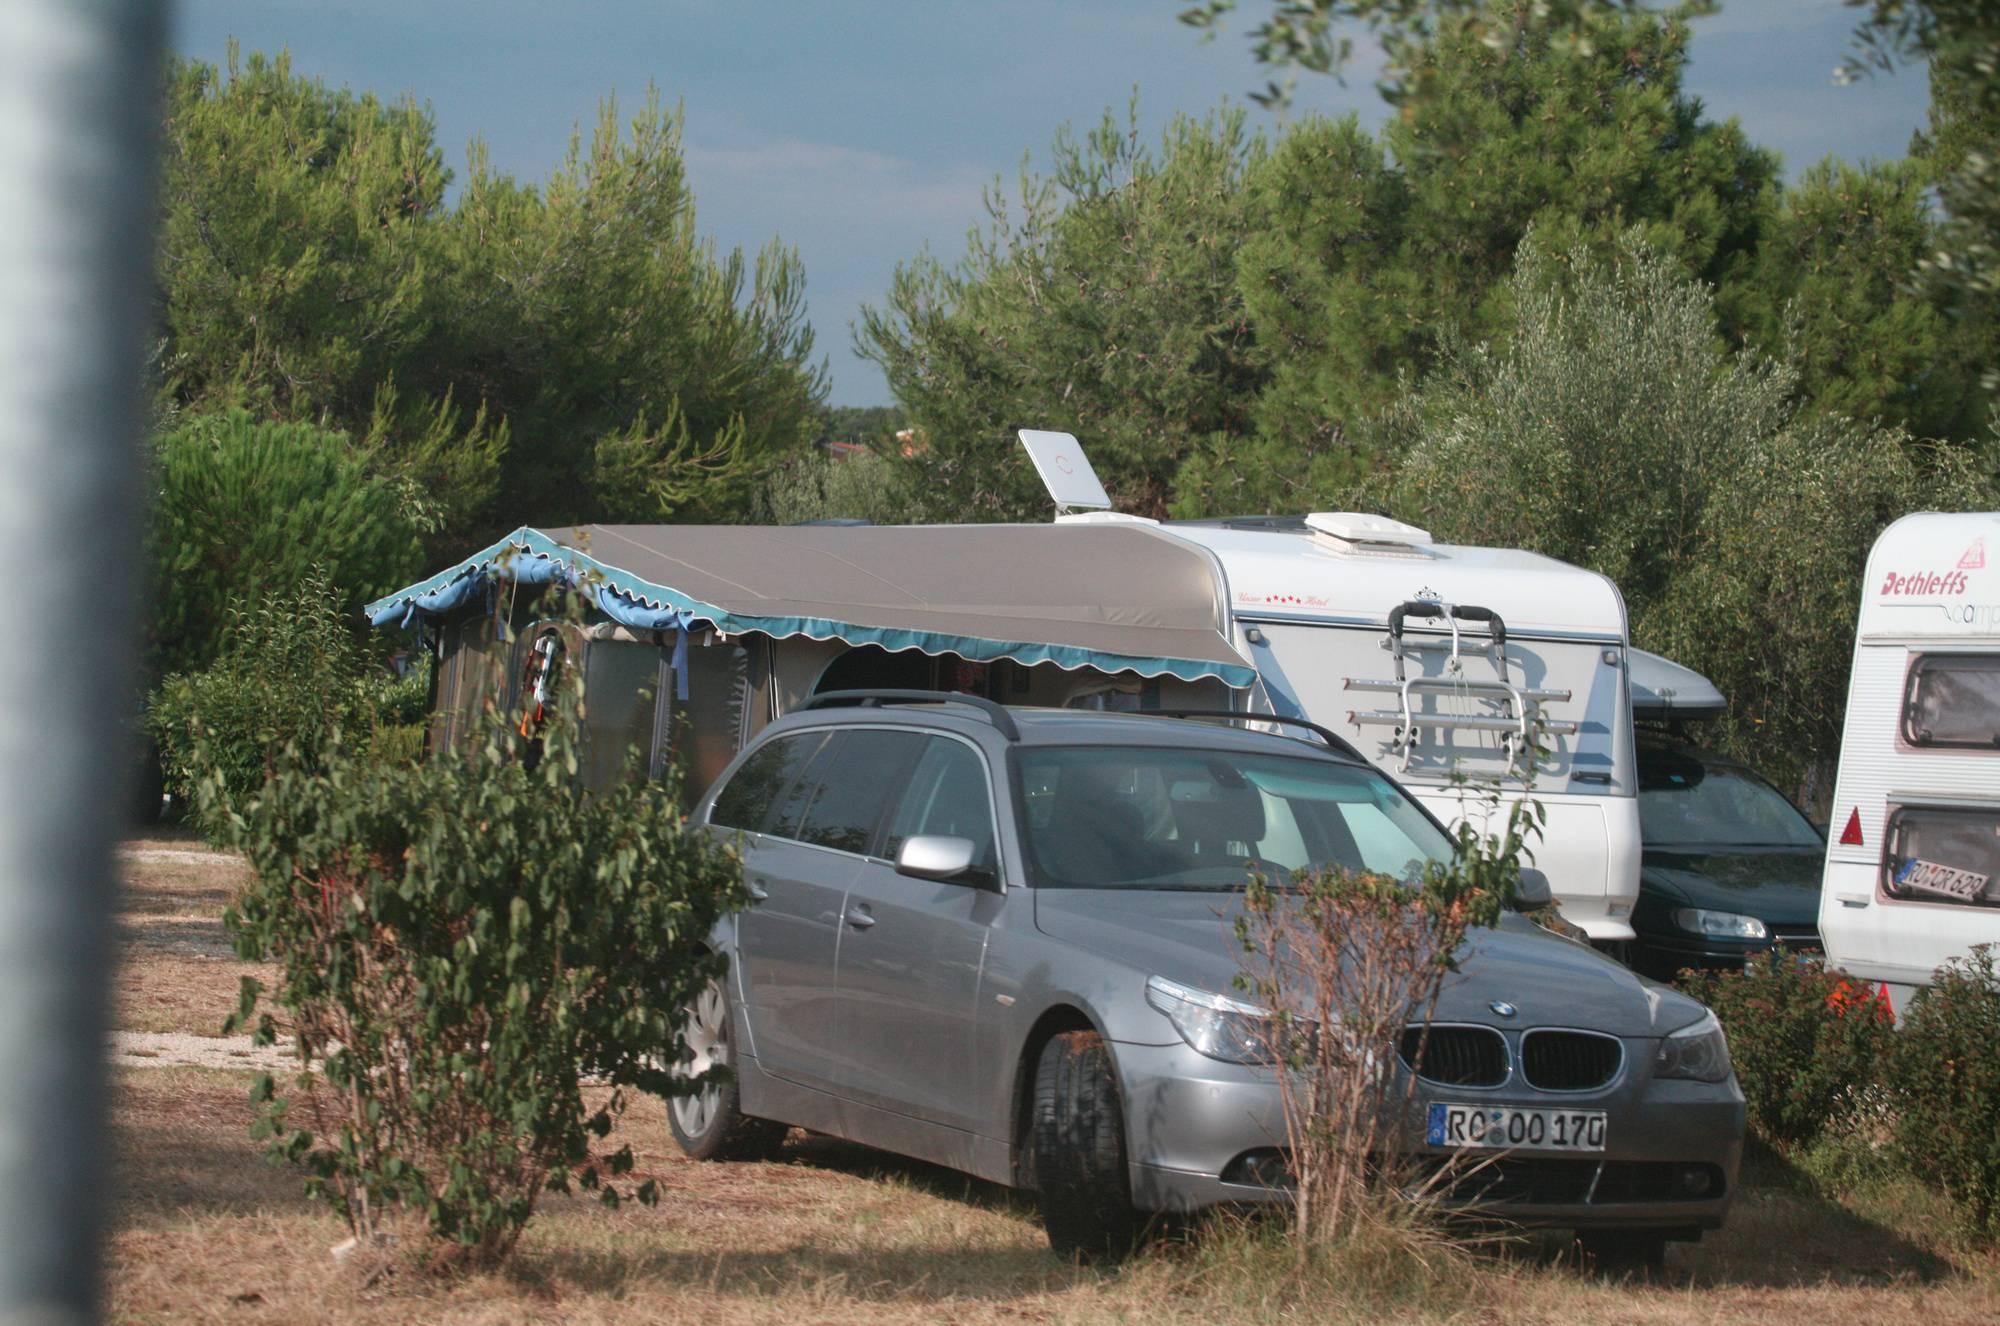 Purenudism Bares Camping Scenery - 1